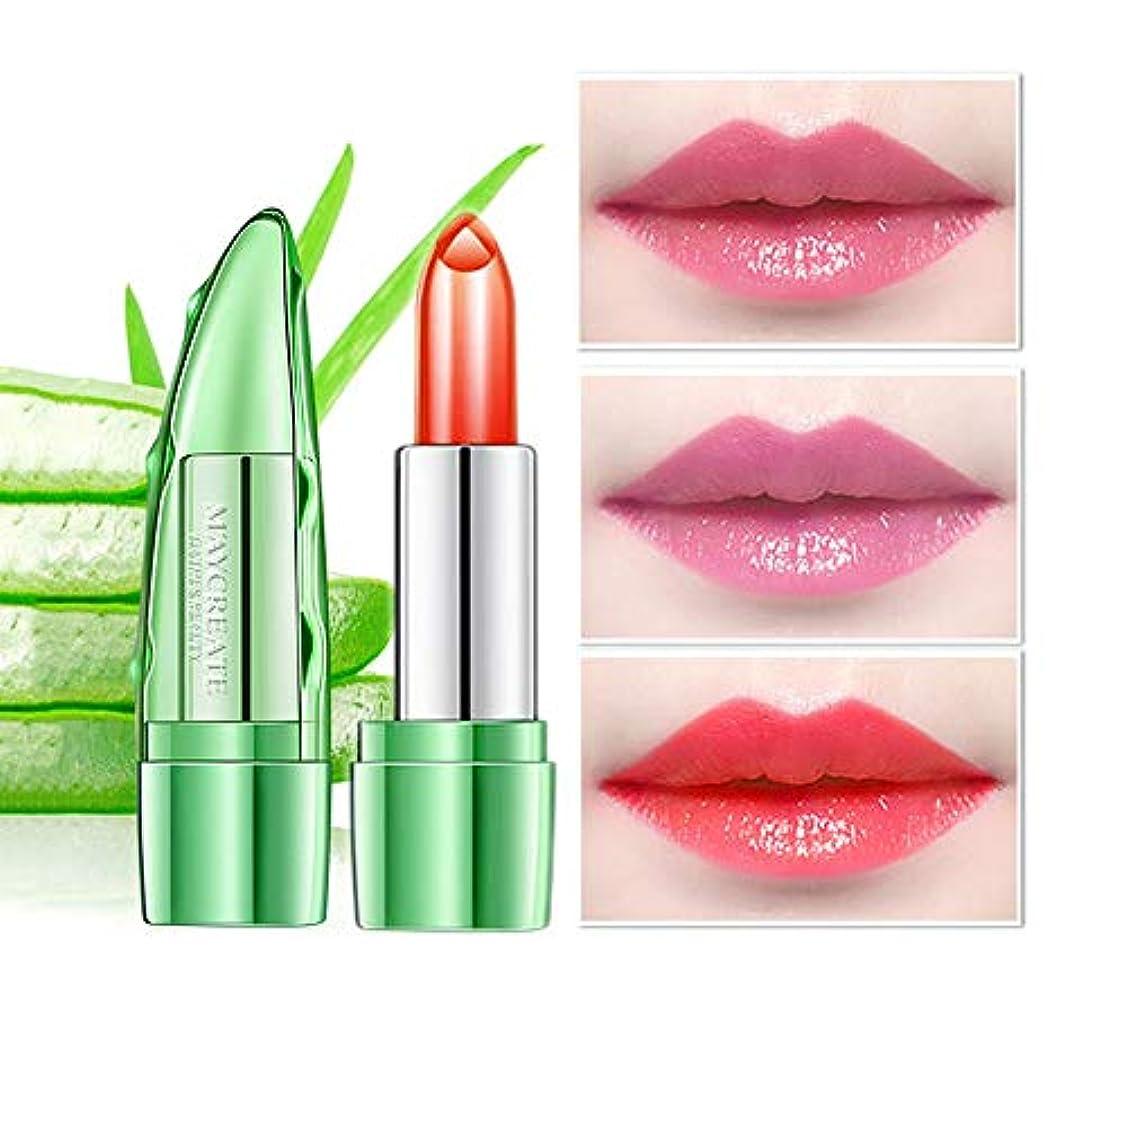 休憩ブランドスロー1ピースアロエゼリーカラー変更温度口紅、長続きがする保湿唇ケア変色口紅リップペンシルリップグロス (3)